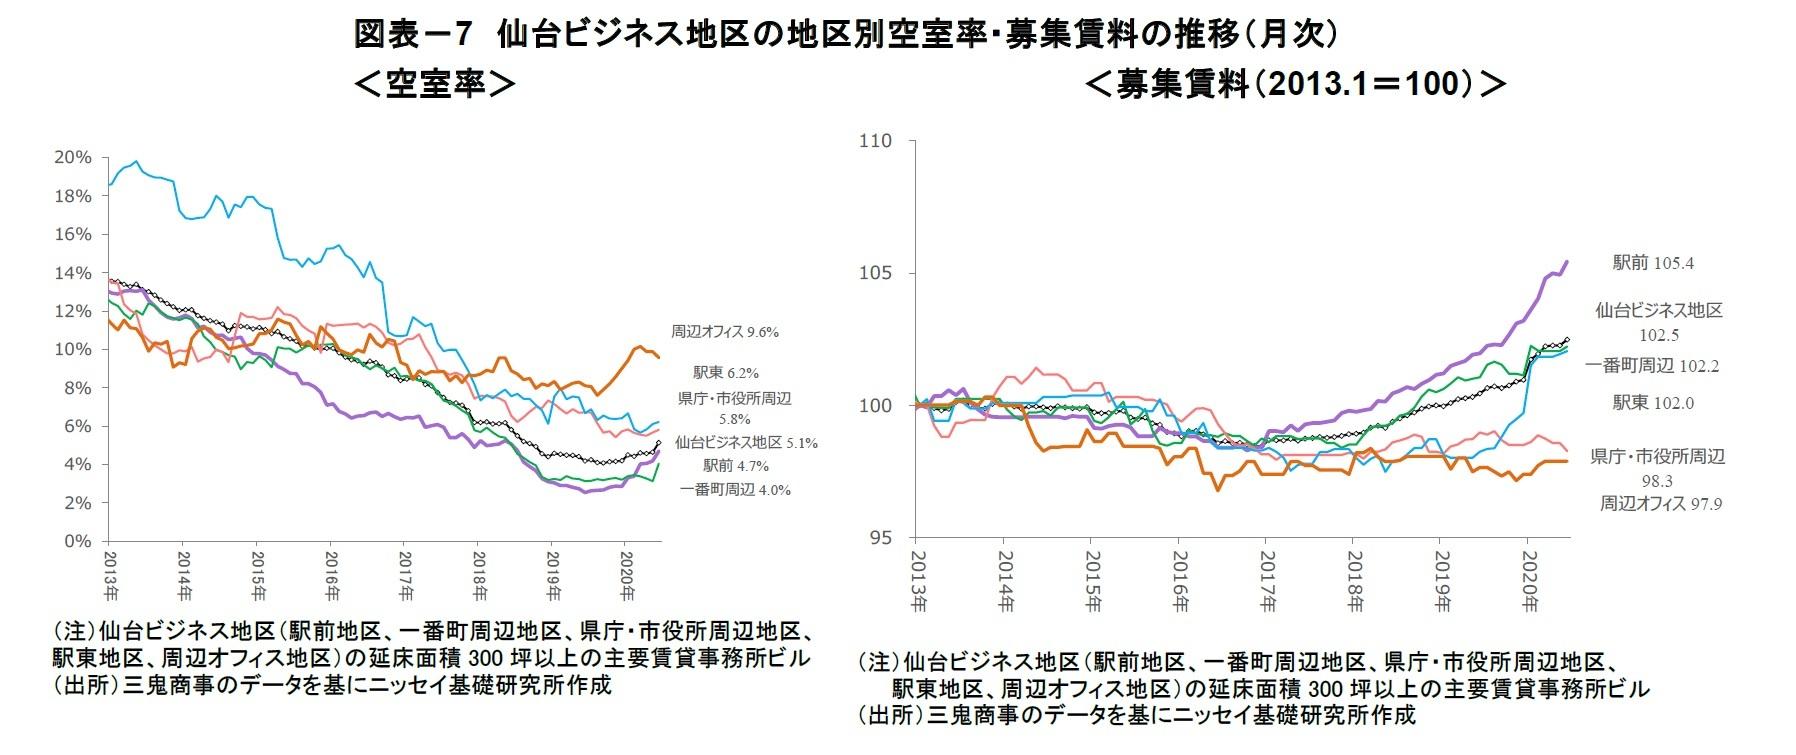 図表-7 仙台ビジネス地区の地区別空室率・募集賃料の推移(月次)